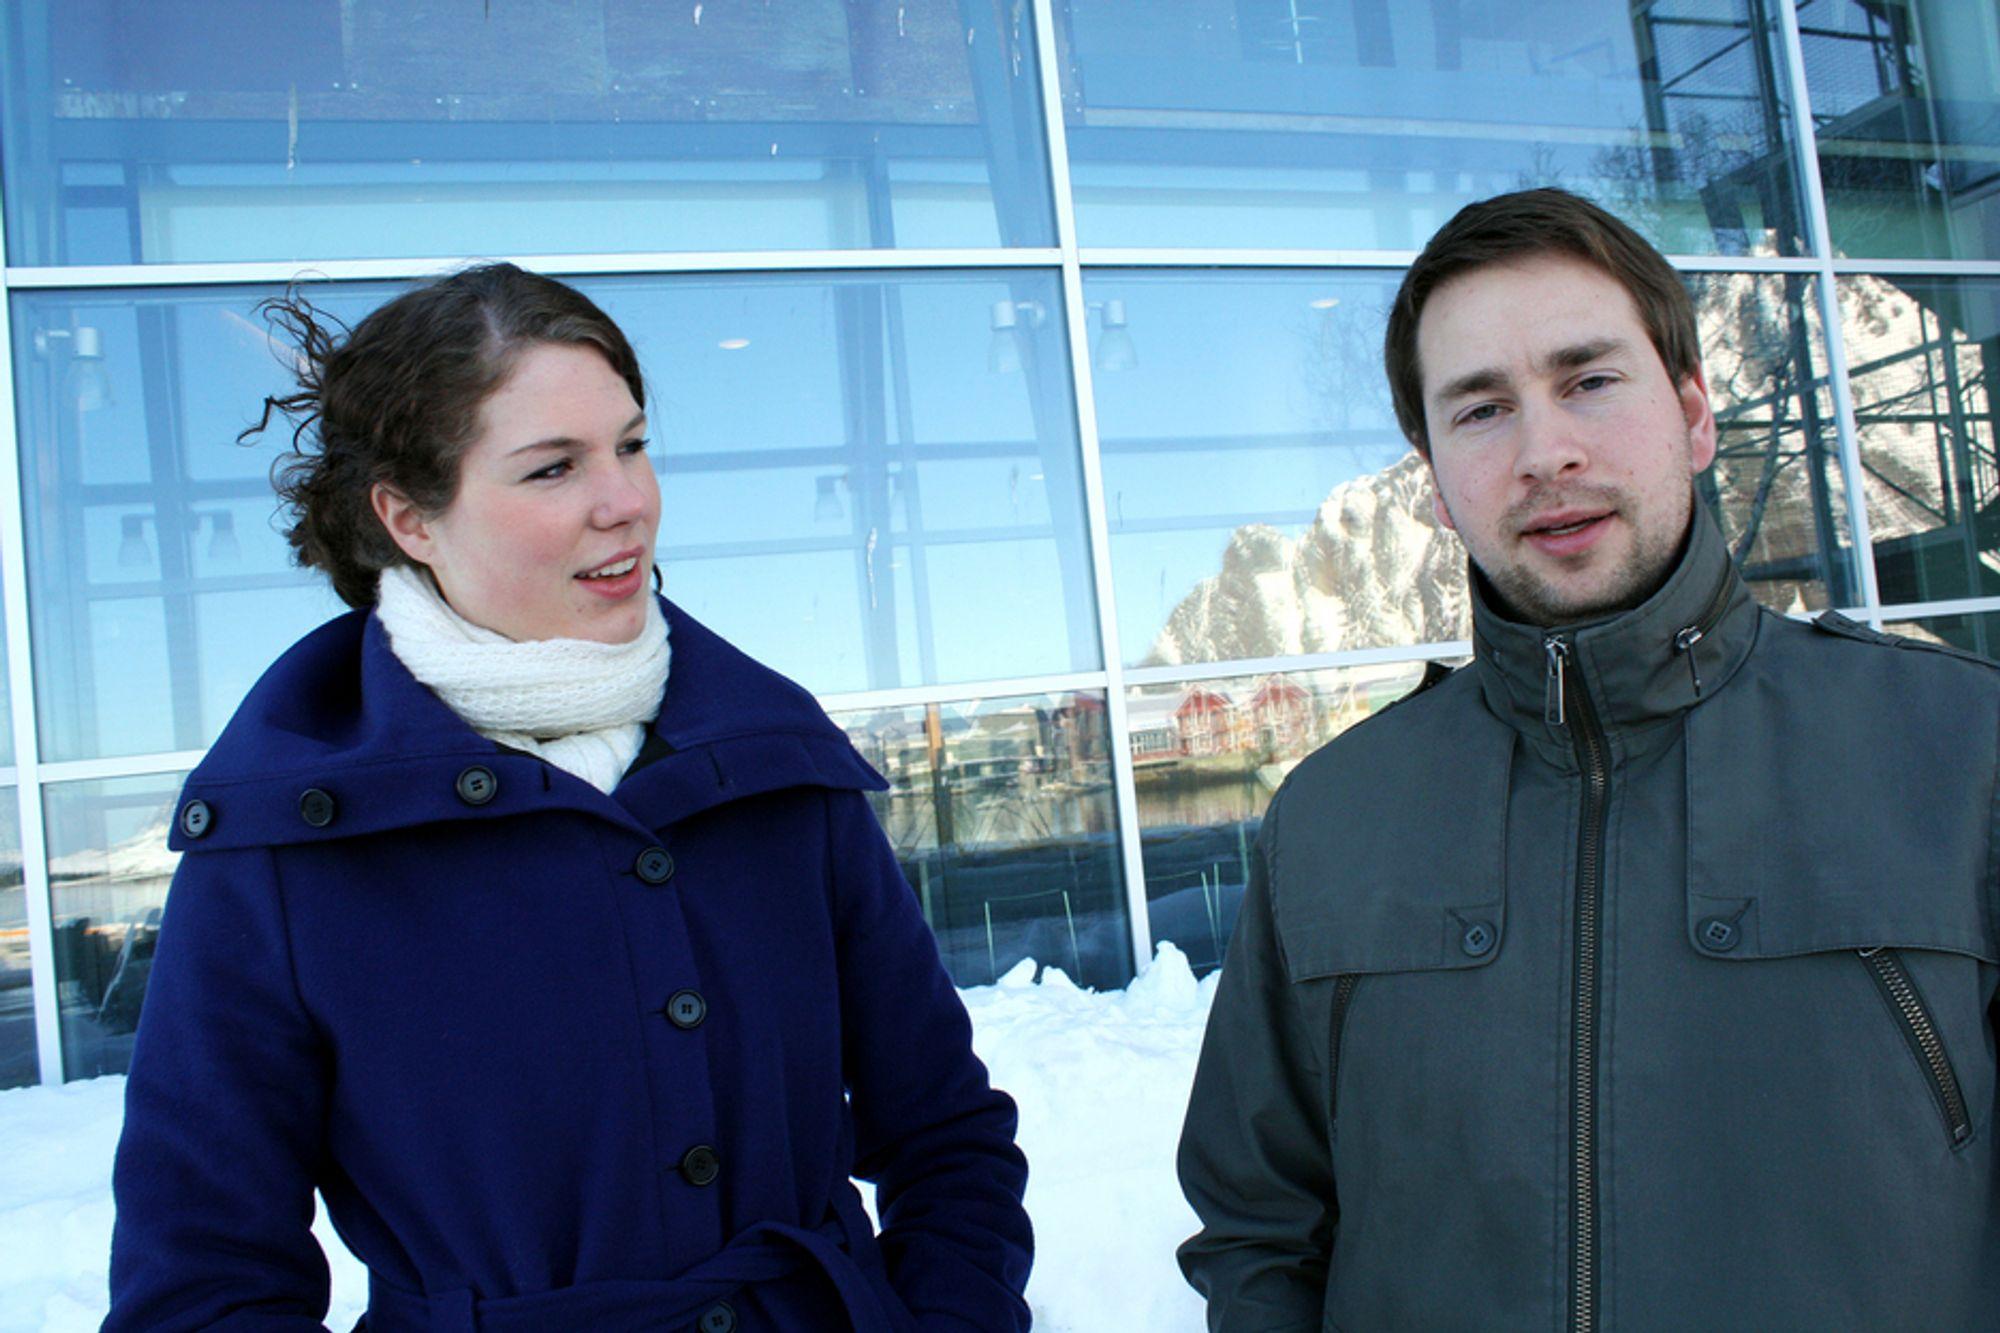 VOKSENDE NÆRING: Verdensarvstatus kan hjelpe reiselivsnæringen i Lofoten til å bli mindre sesongavhengig, mener Mariell Hagen og Jan Rune Yanni Vikan fra Destination Lofoten.